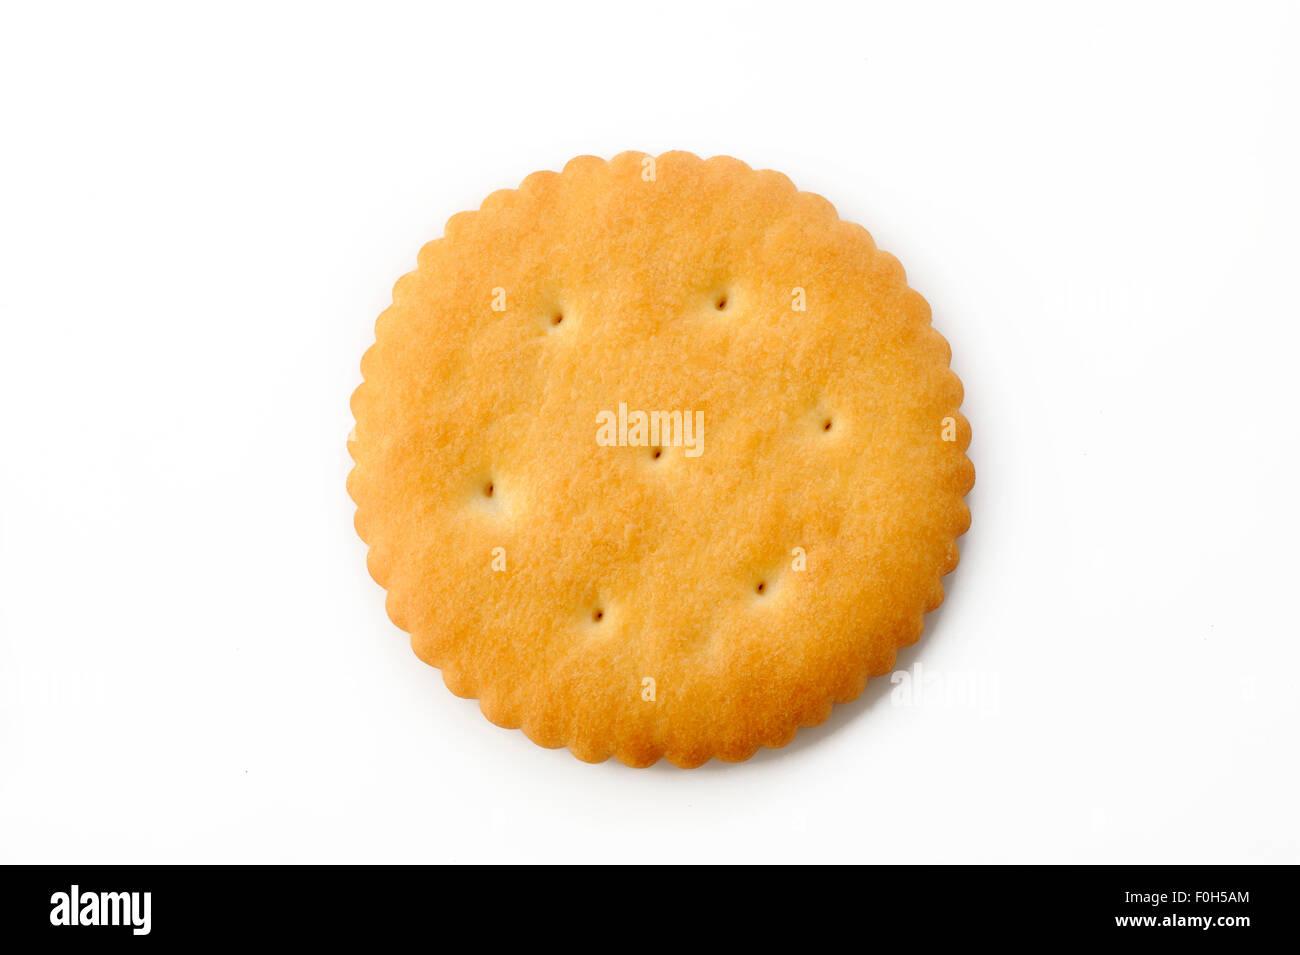 Cracker on white background - Stock Image